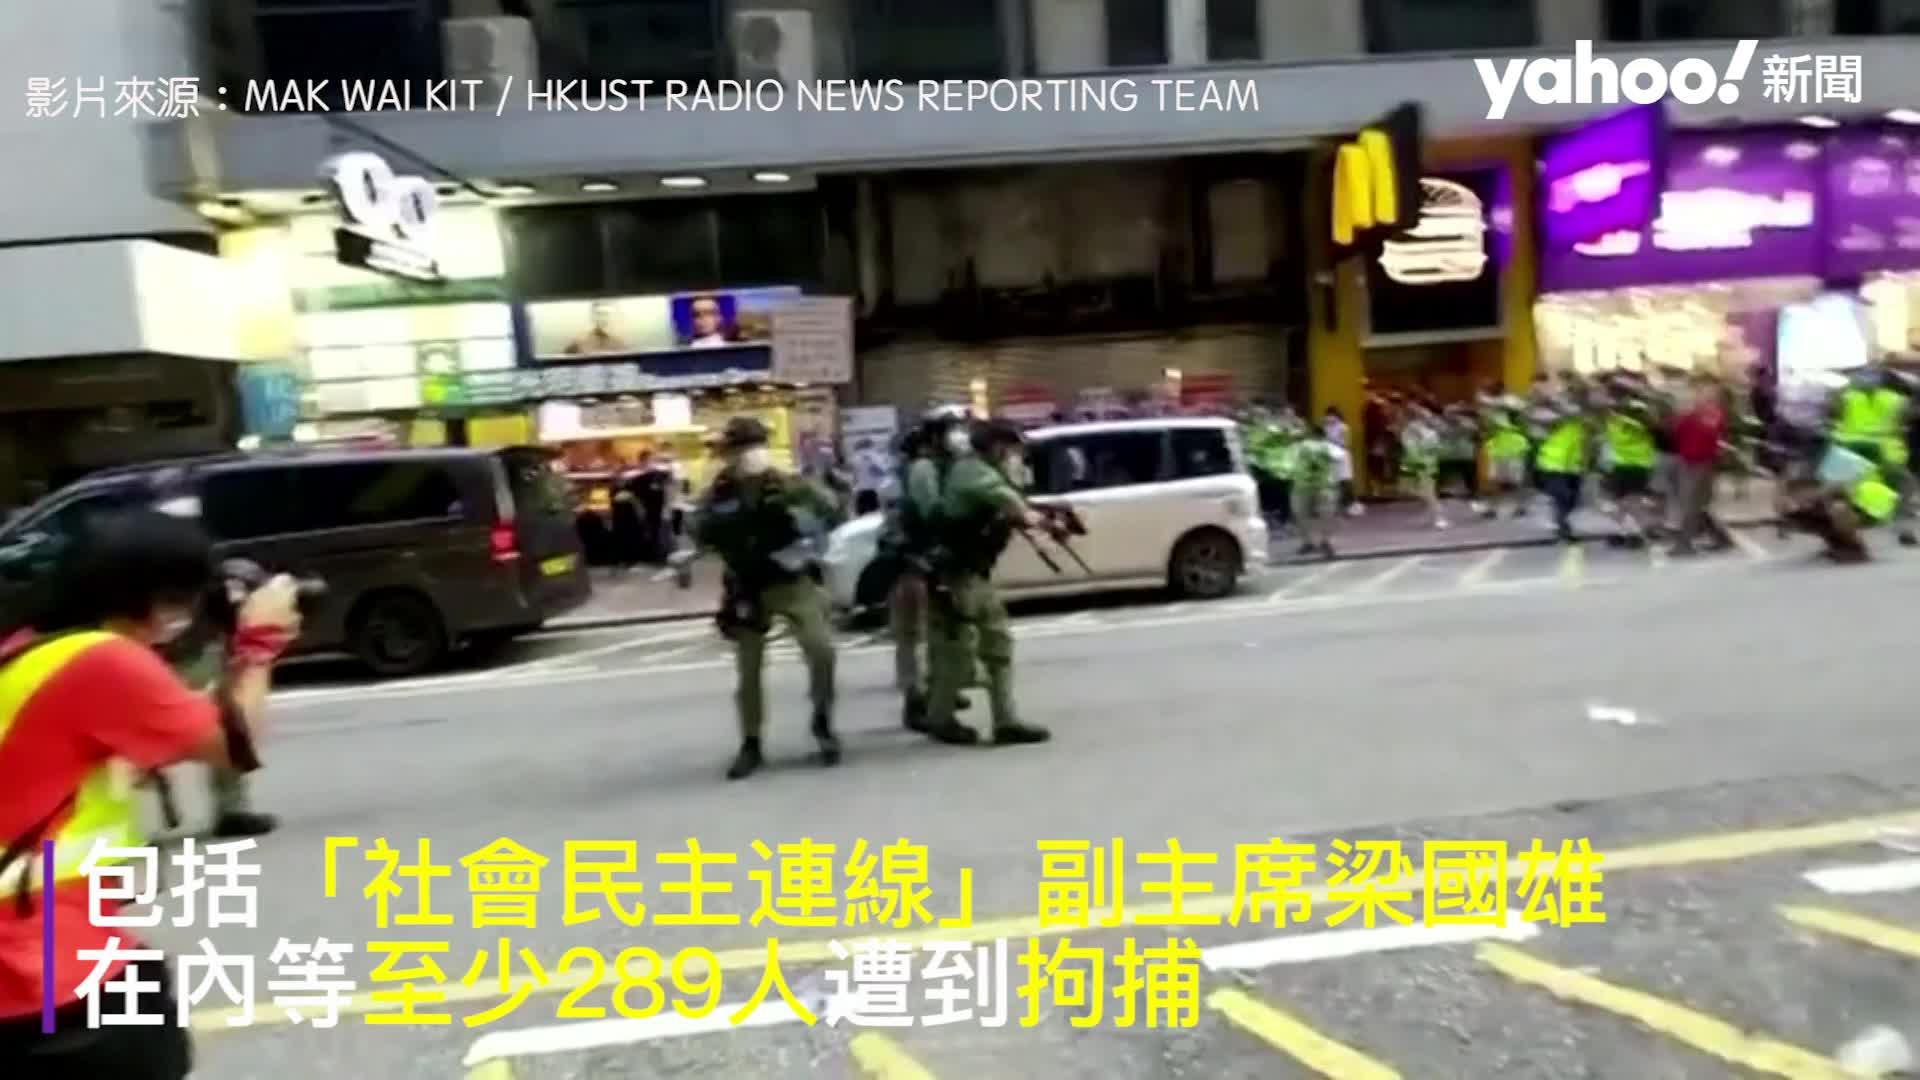 香港九龍遊行爆衝突 直擊少女驚逃遭3警壓制 近300人被逮